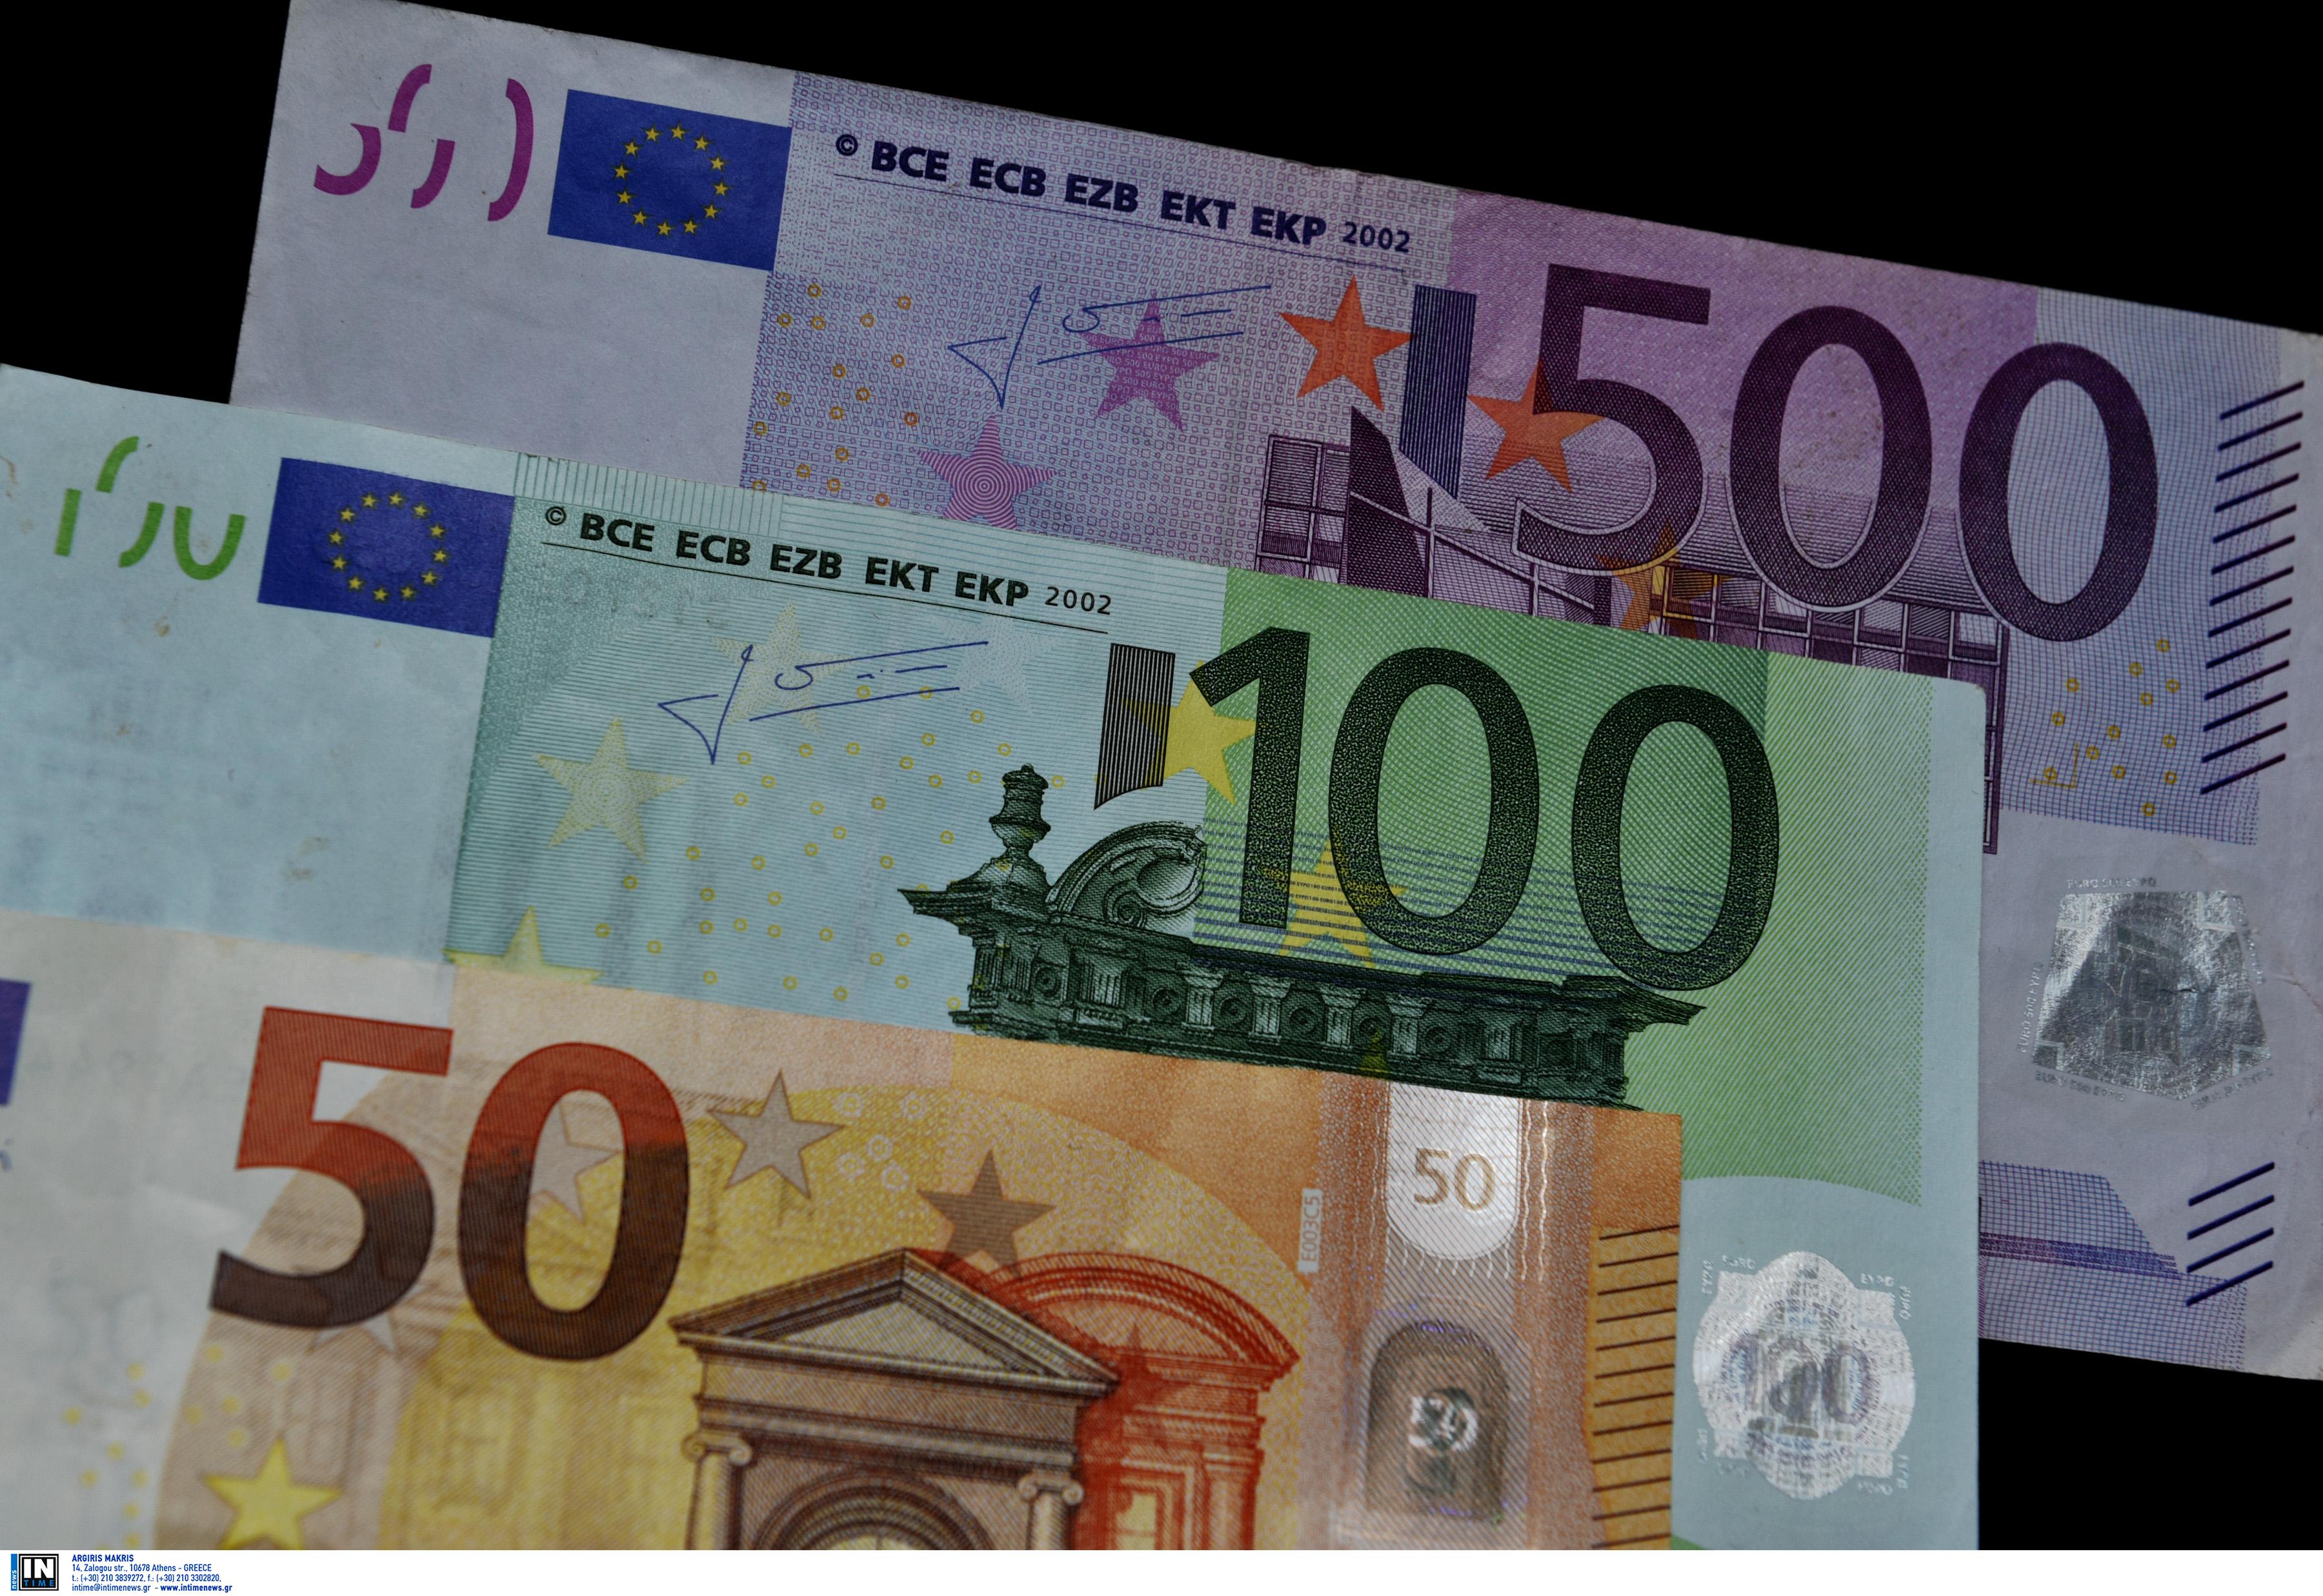 Λάρισα: Κλαιγόταν αλλά είχε βρει τον τρόπο να βάζει χρήματα στον τραπεζικό της λογαριασμό!